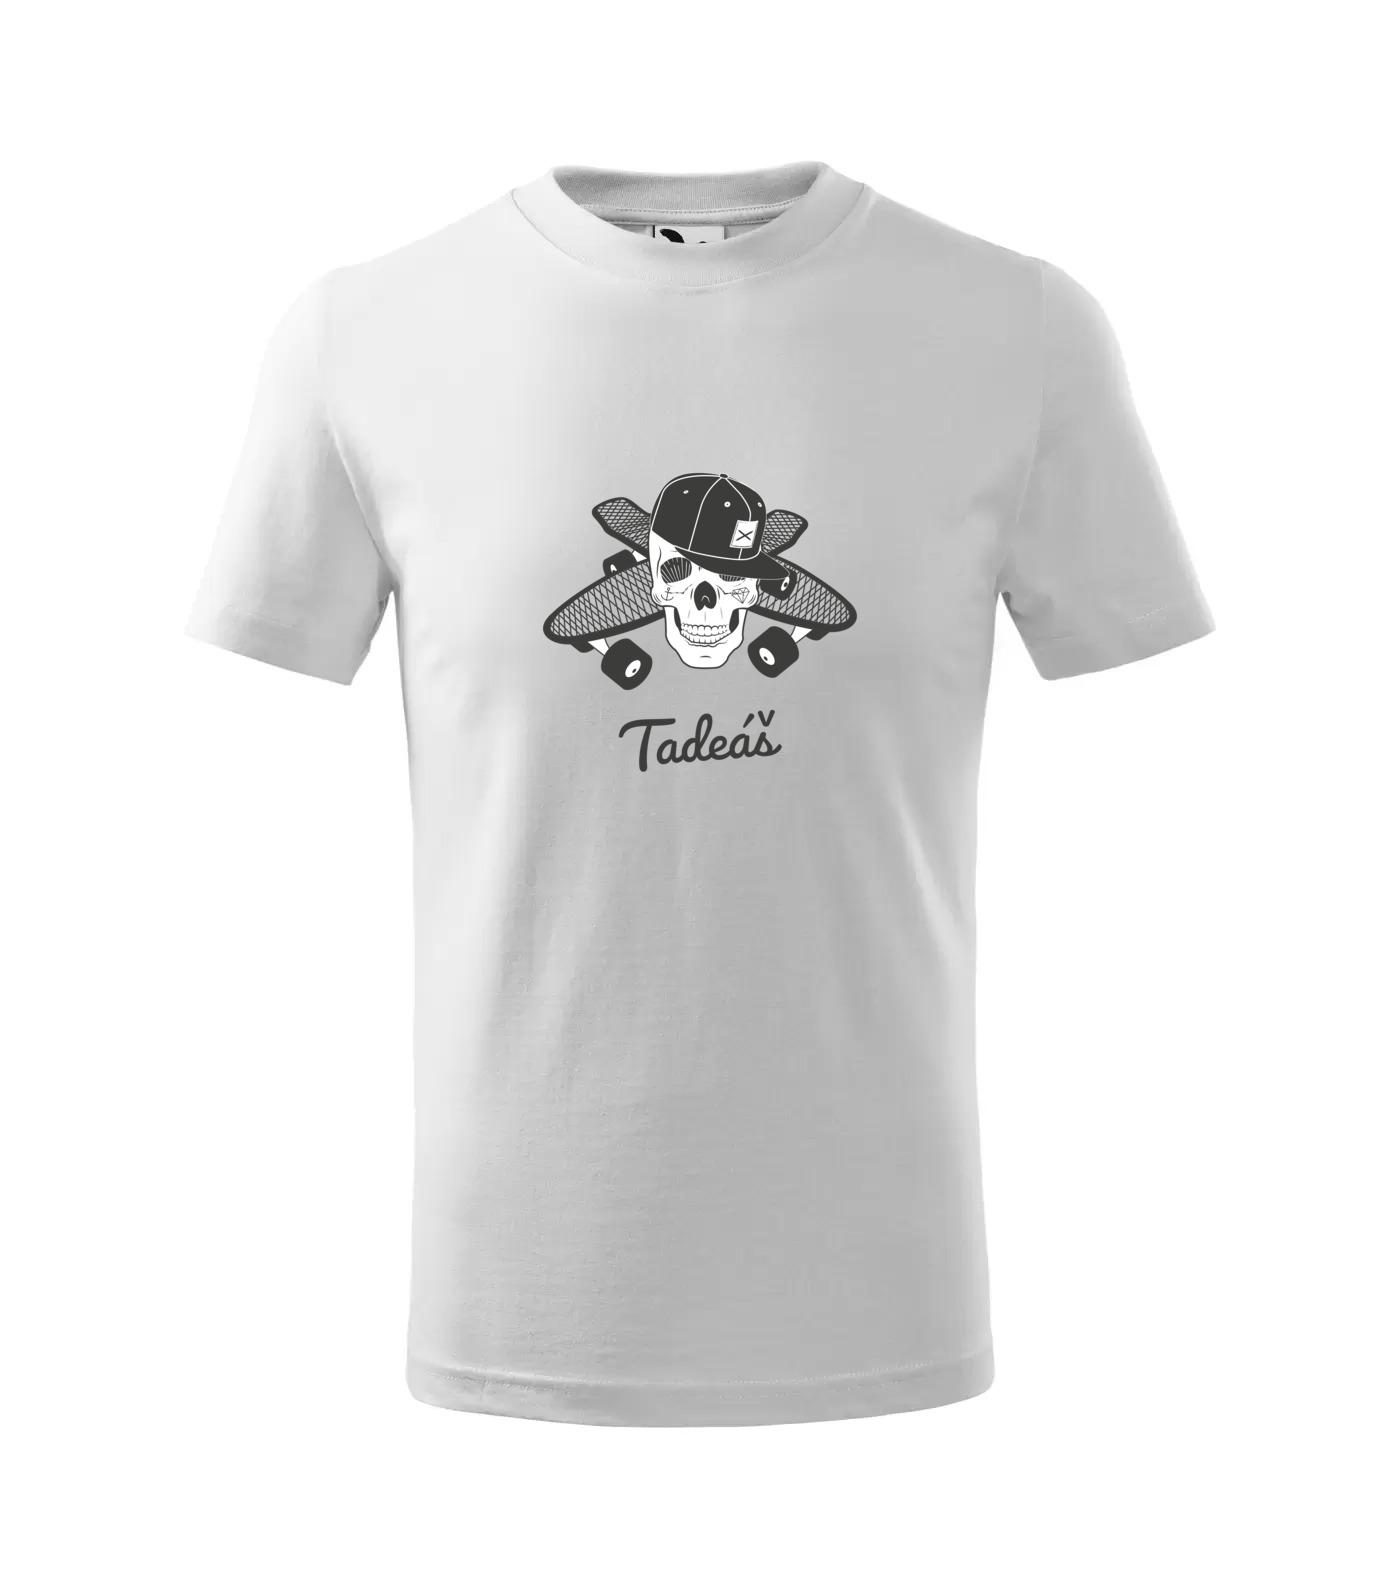 Tričko Skejťák Tadeáš